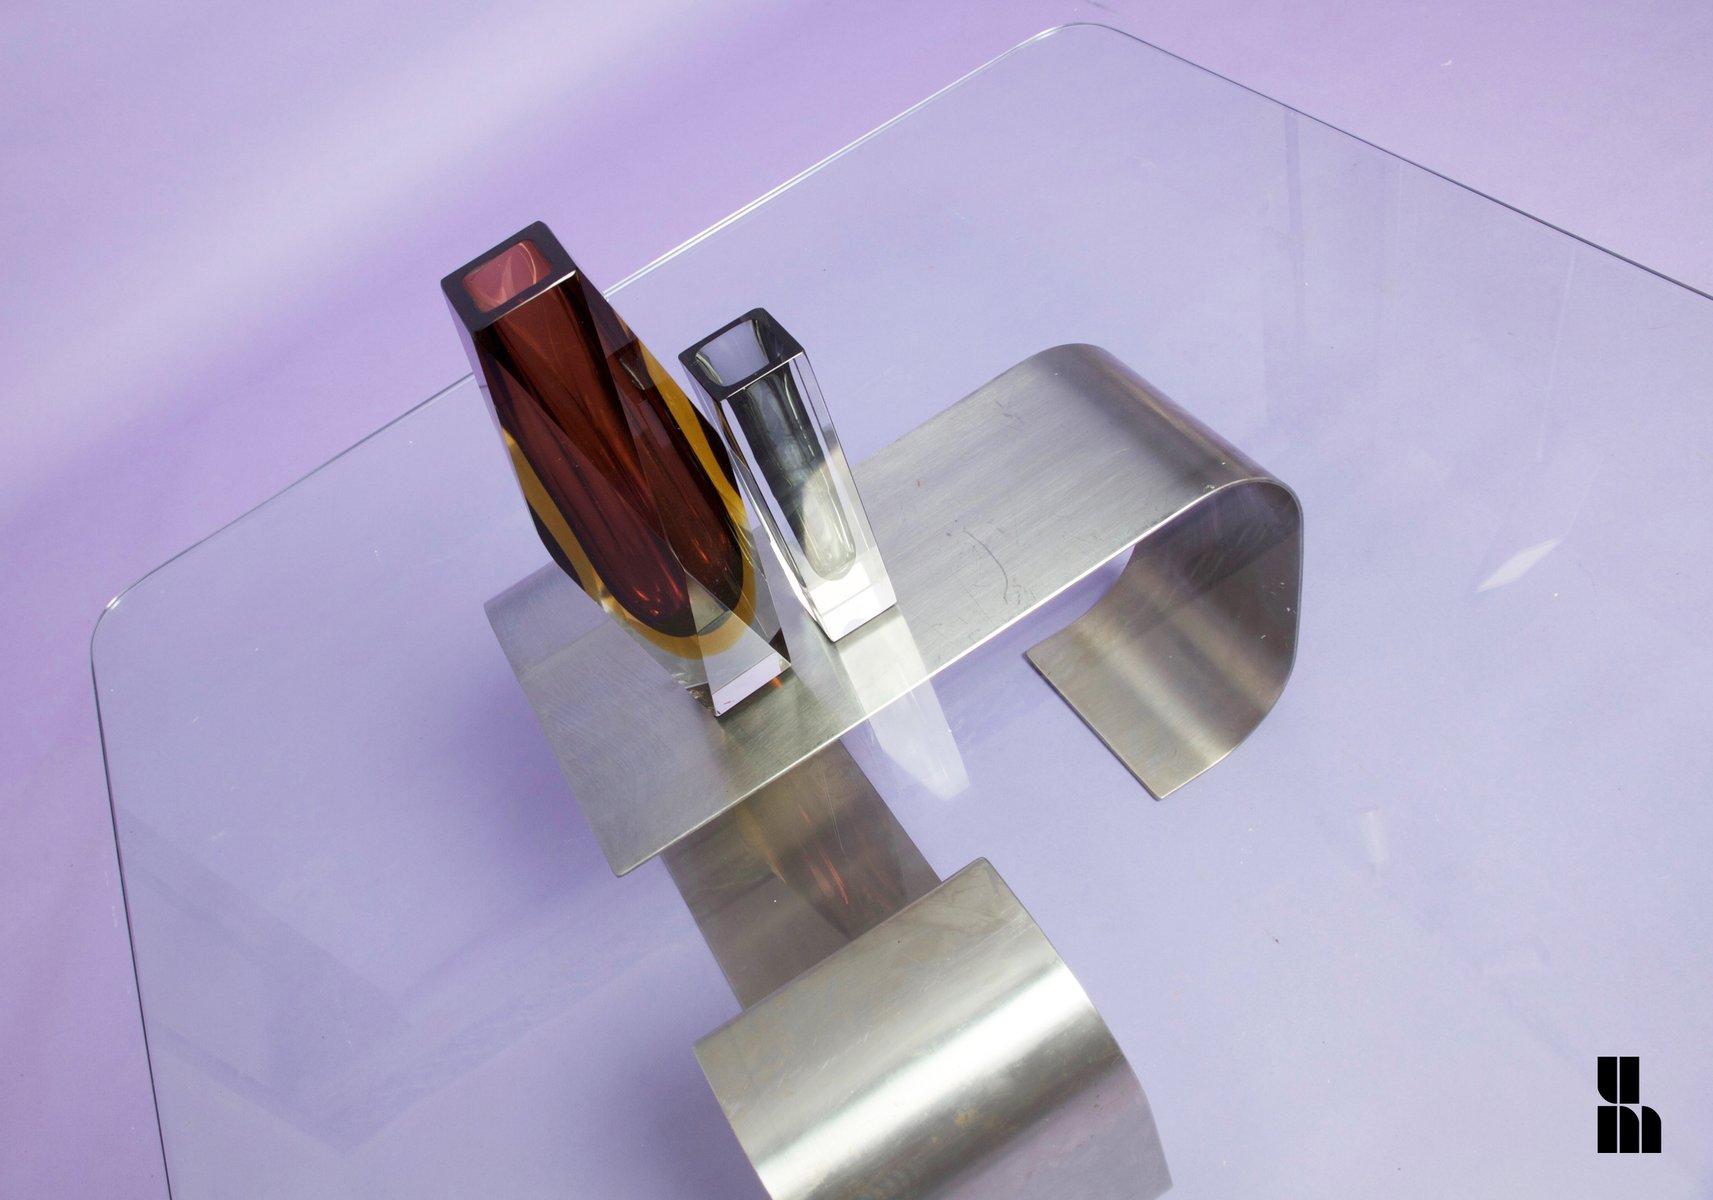 franz sischer naja glas stahl couchtisch von francois monnet f r kappa 1969 bei pamono kaufen. Black Bedroom Furniture Sets. Home Design Ideas